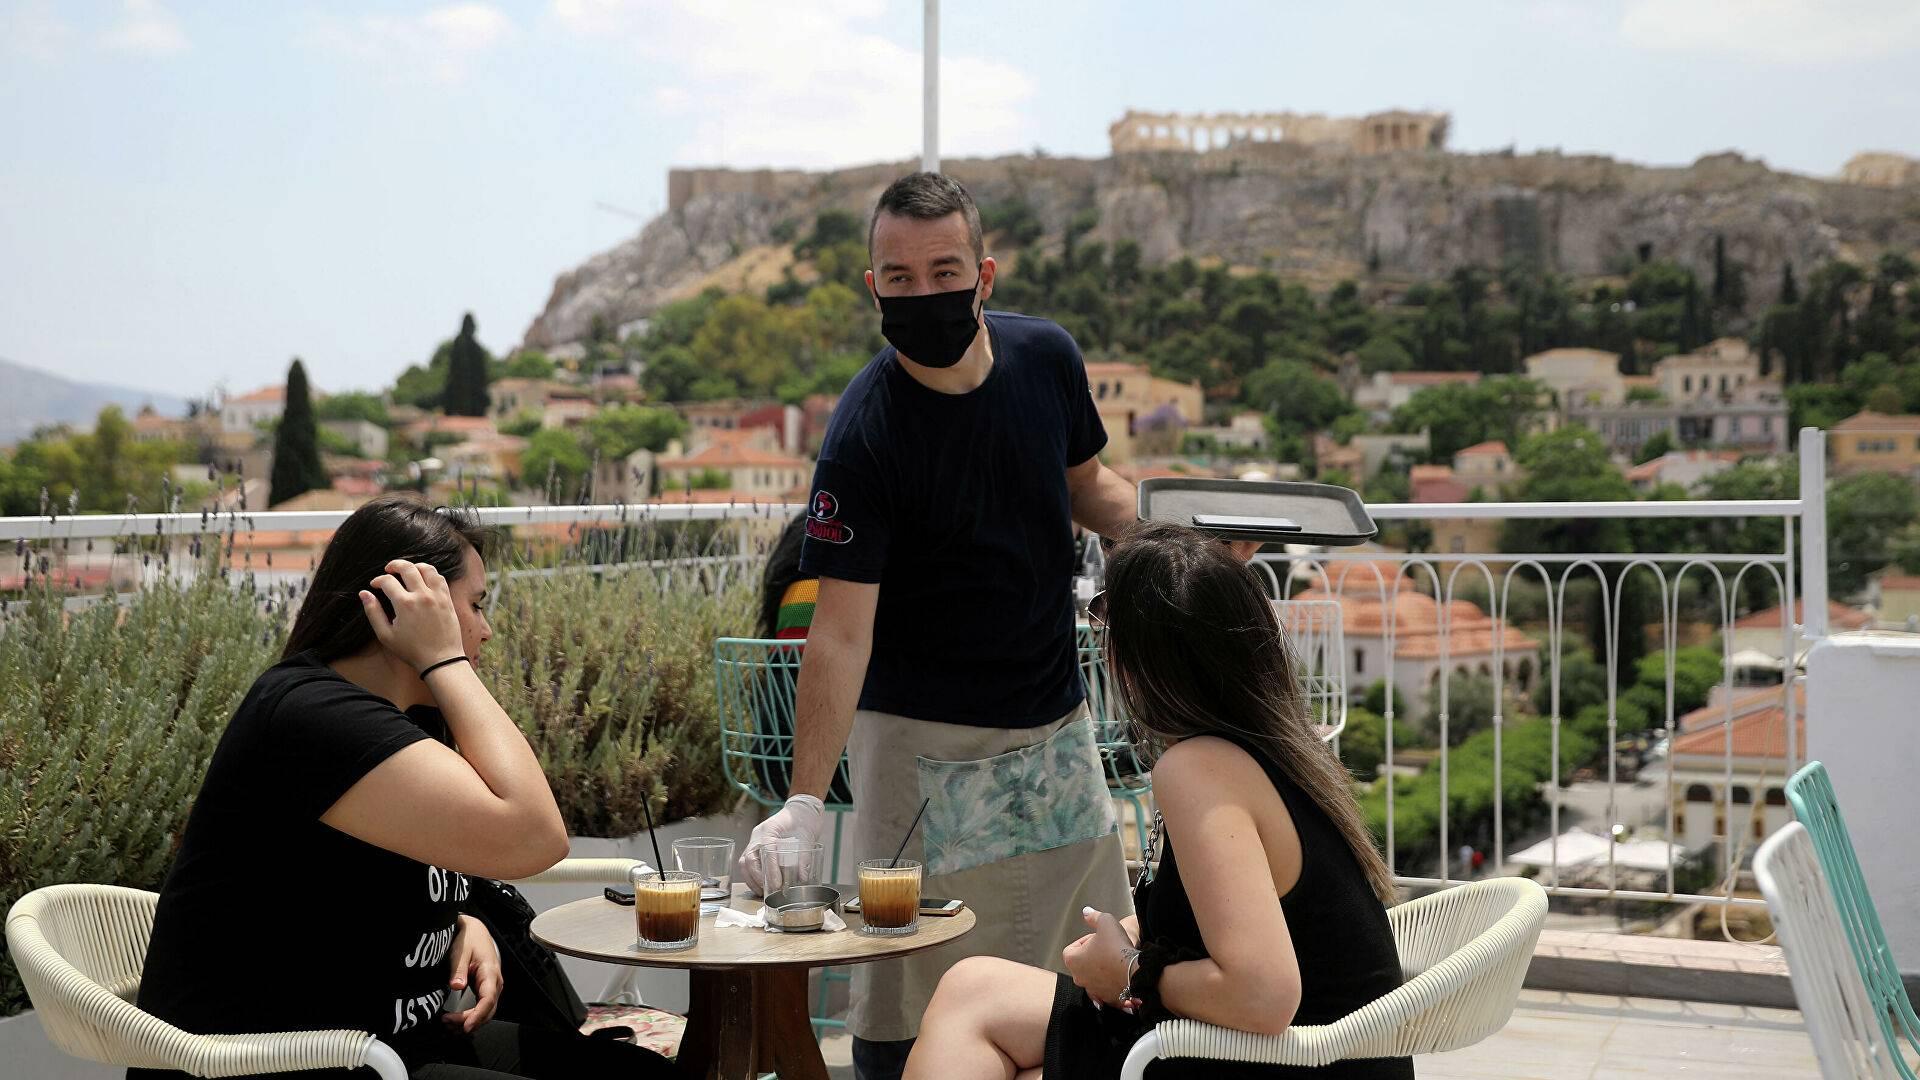 Власти Греции решили усложнить пребывание иностранцам